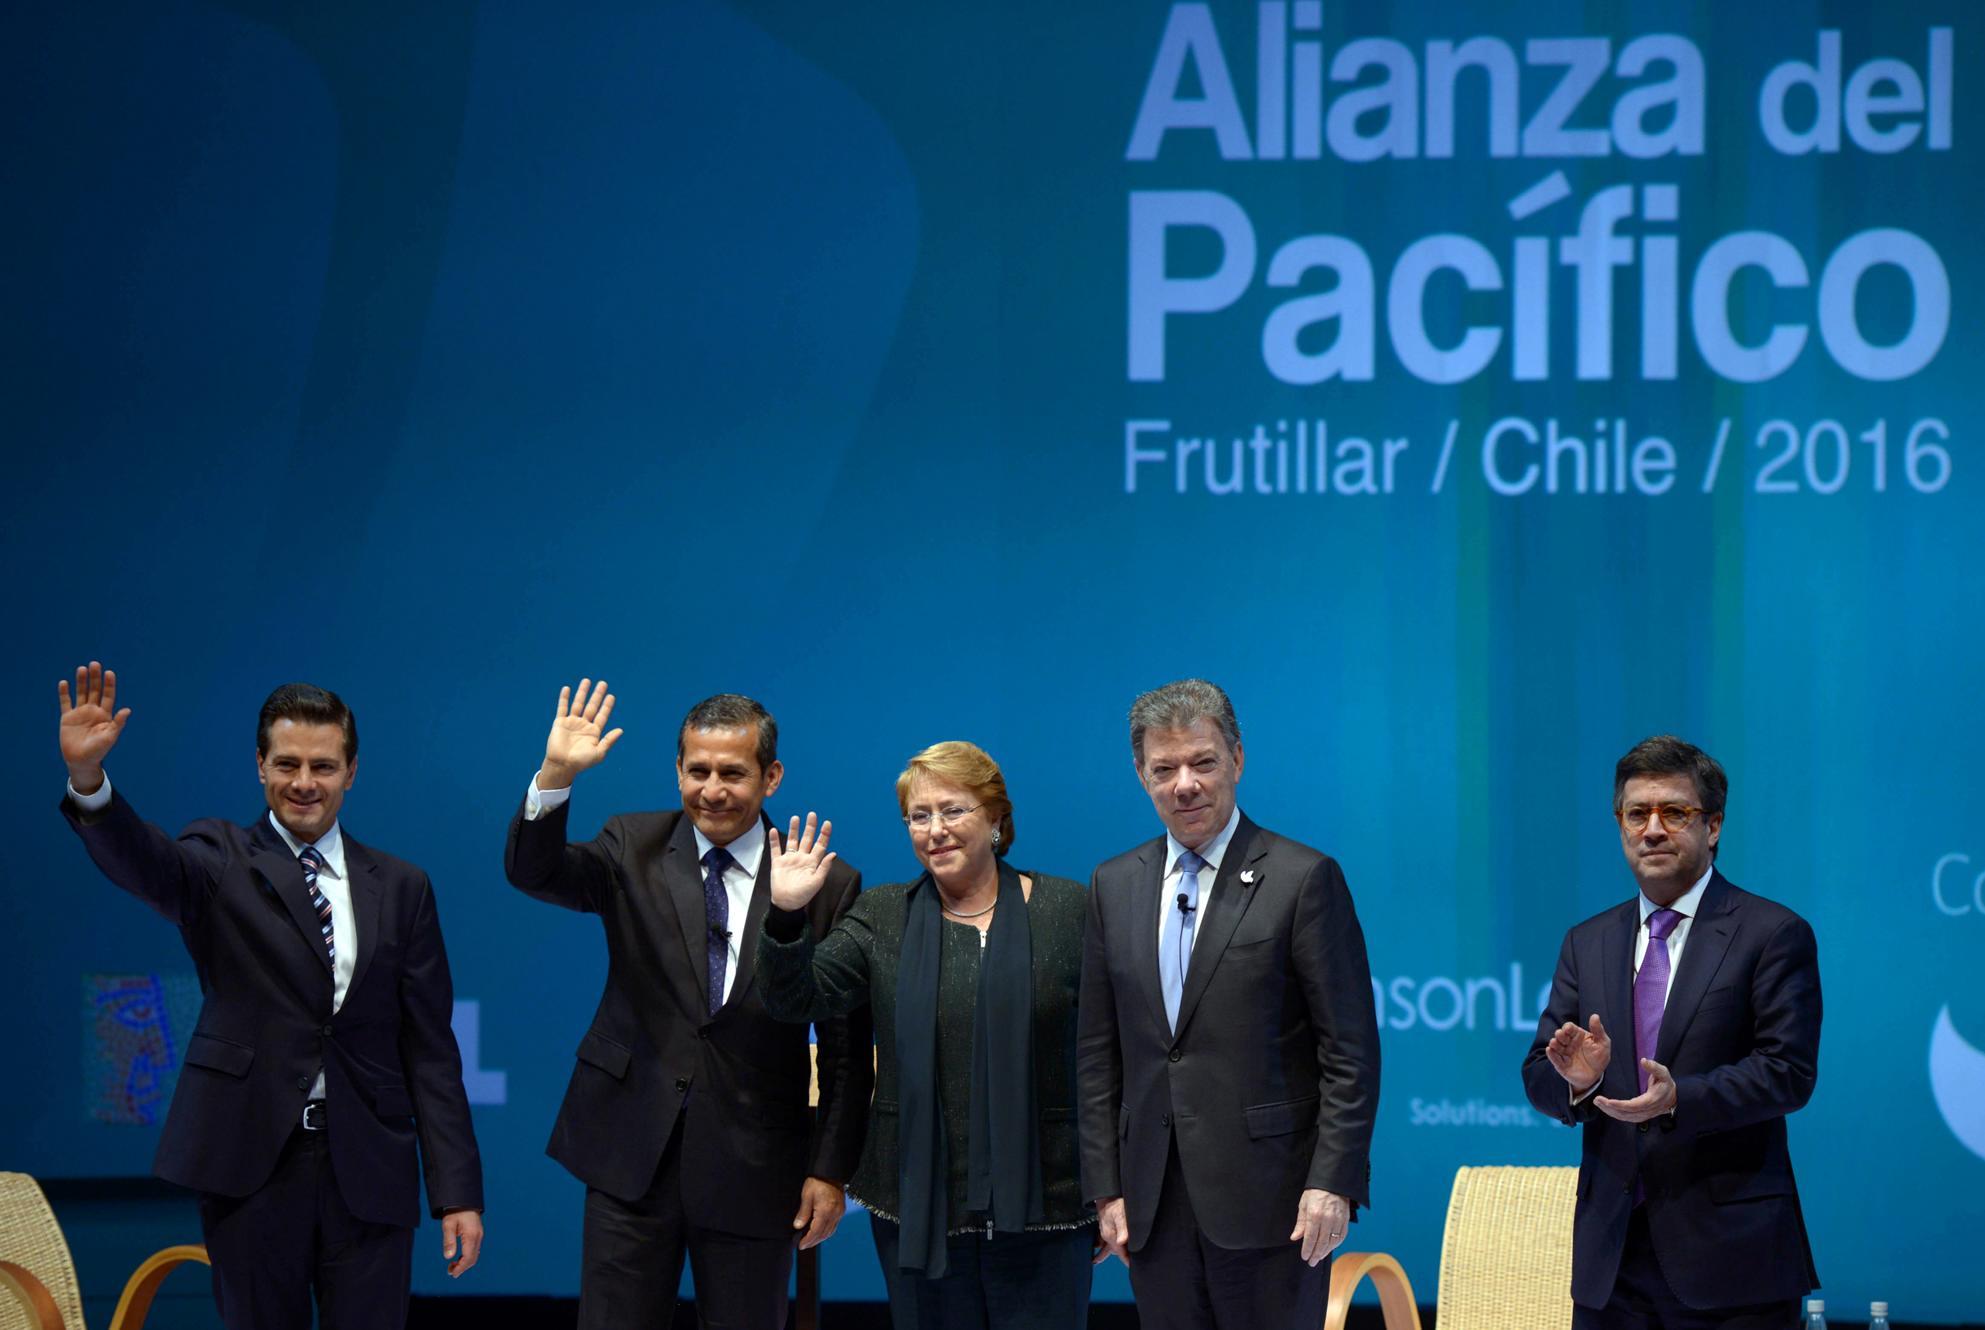 La Alianza del Pacífico trasciende sus propias fronteras e impulsa un diálogo entre los países del Atlántico y el Pacífico, entre la AP y el Mercosur, ASEAN y APEC.